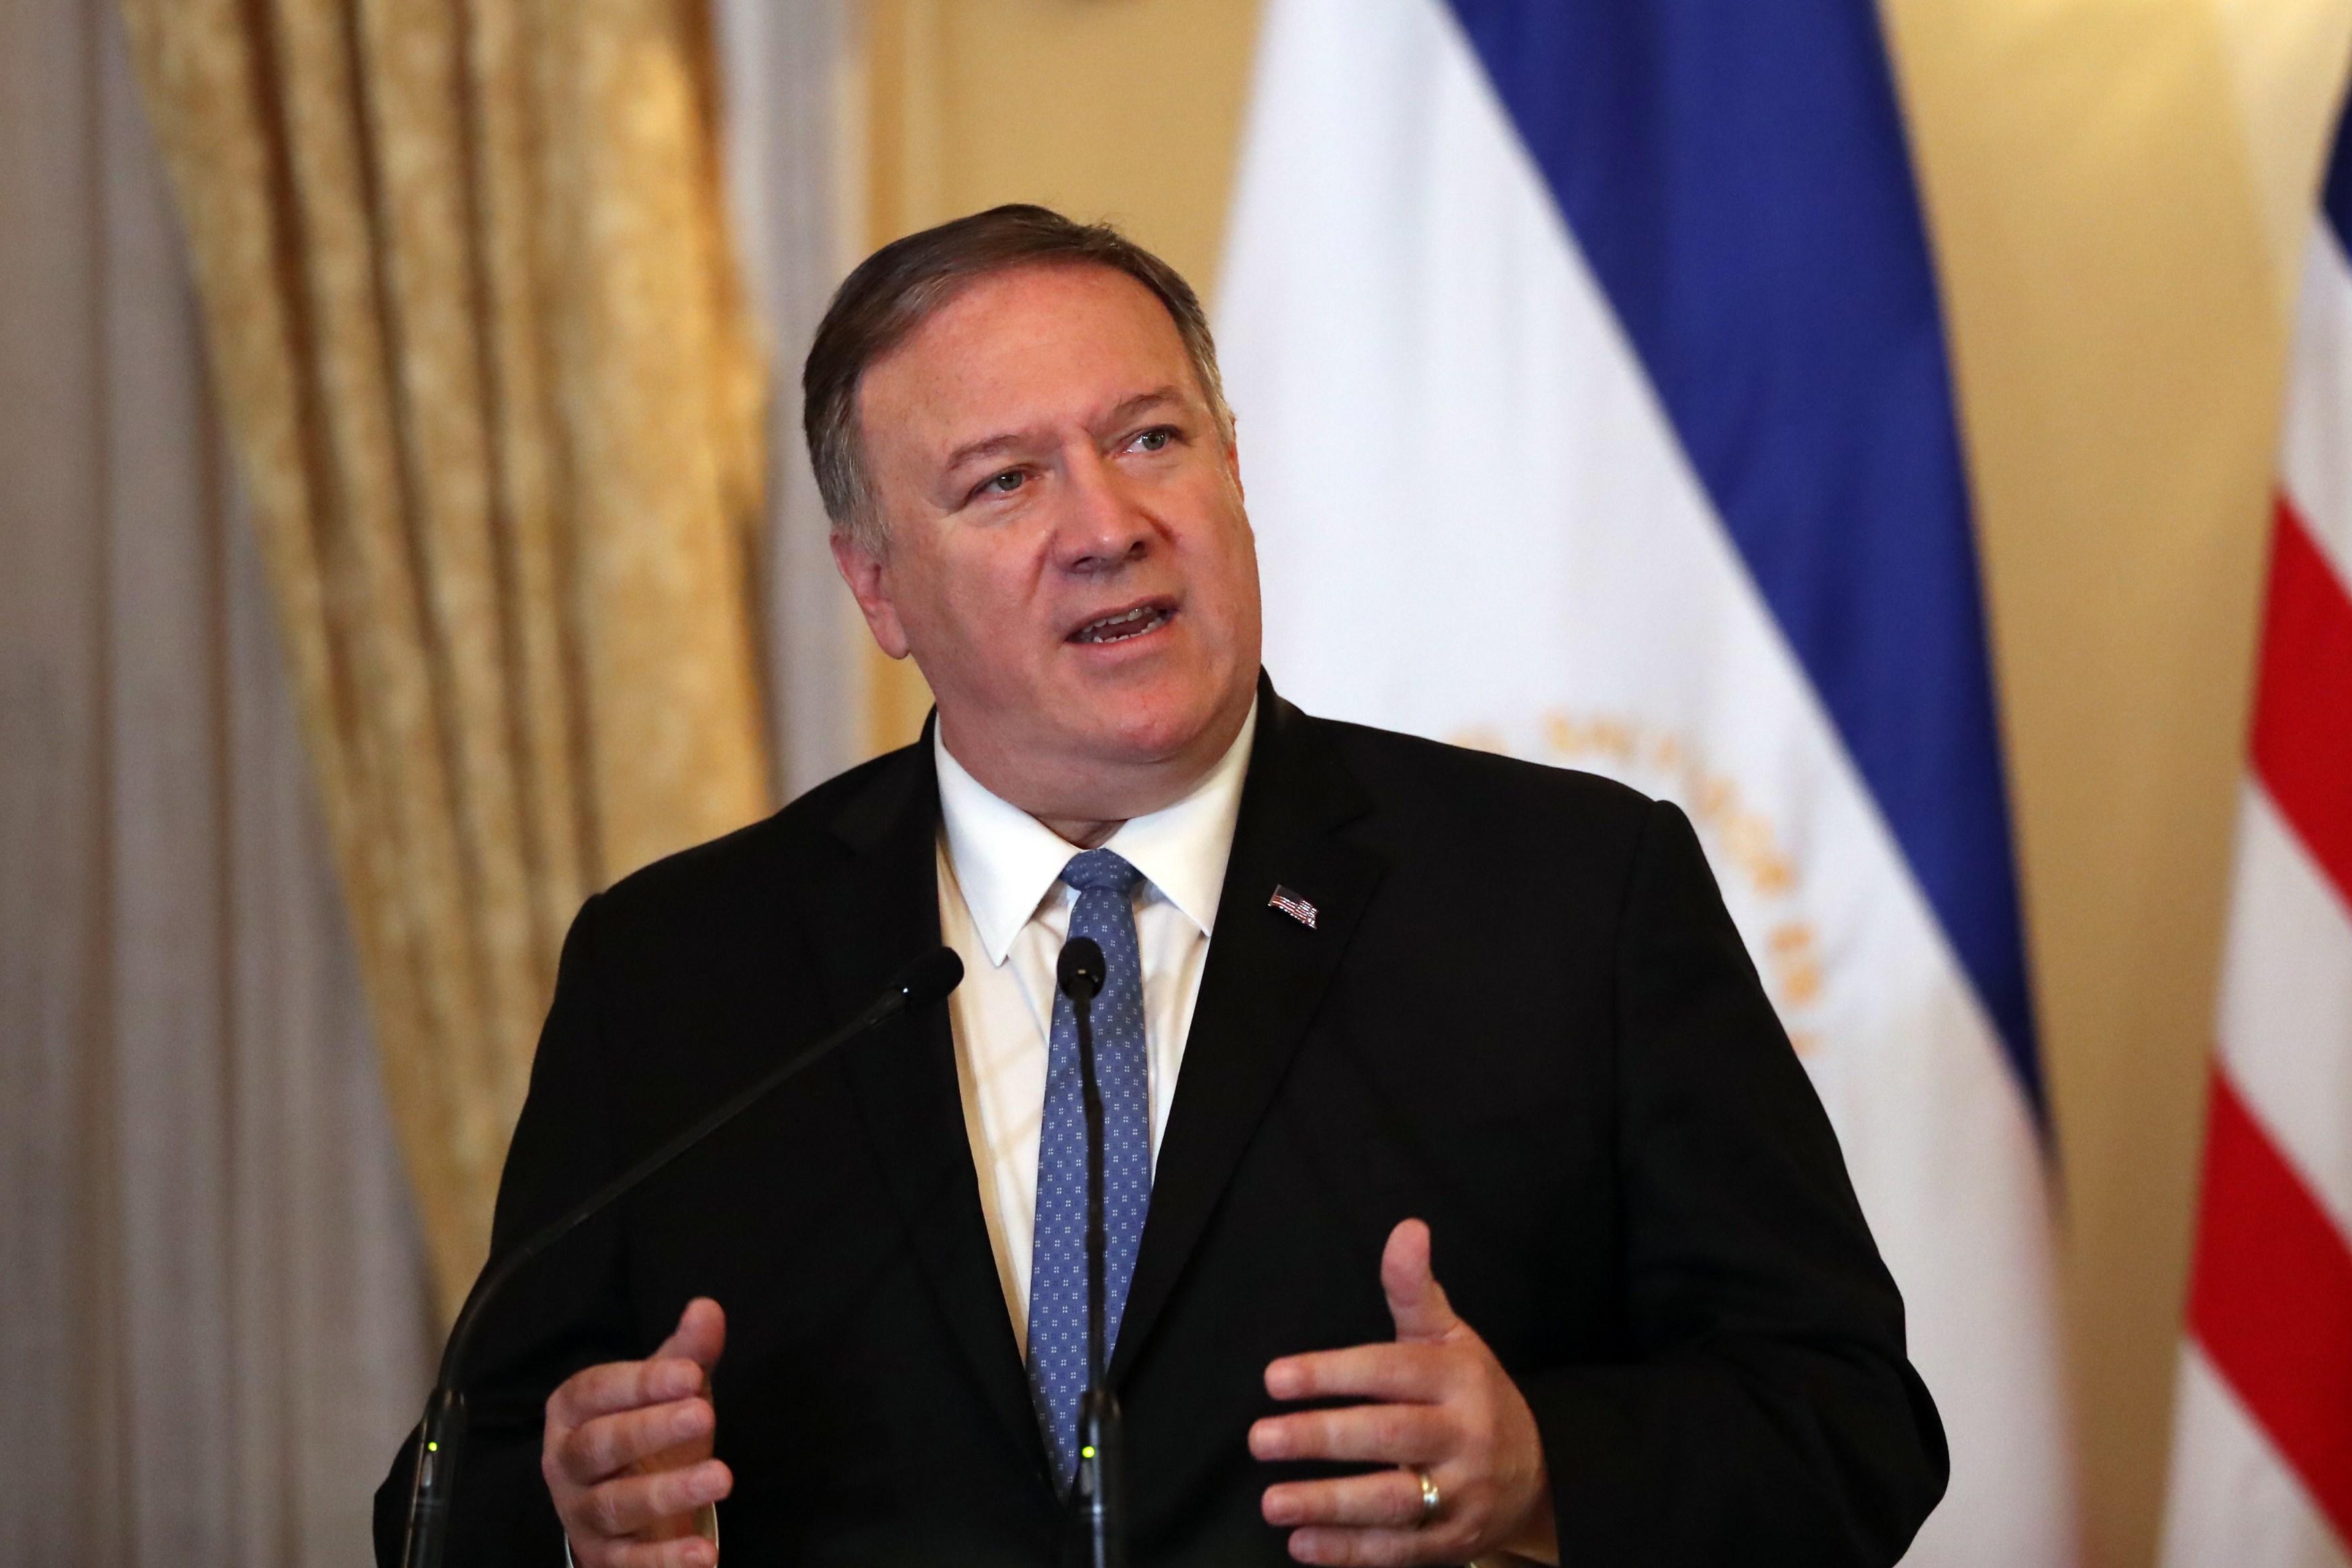 Pompeo viaja a Canadá para discutir sobre relación bilateral y Venezuela